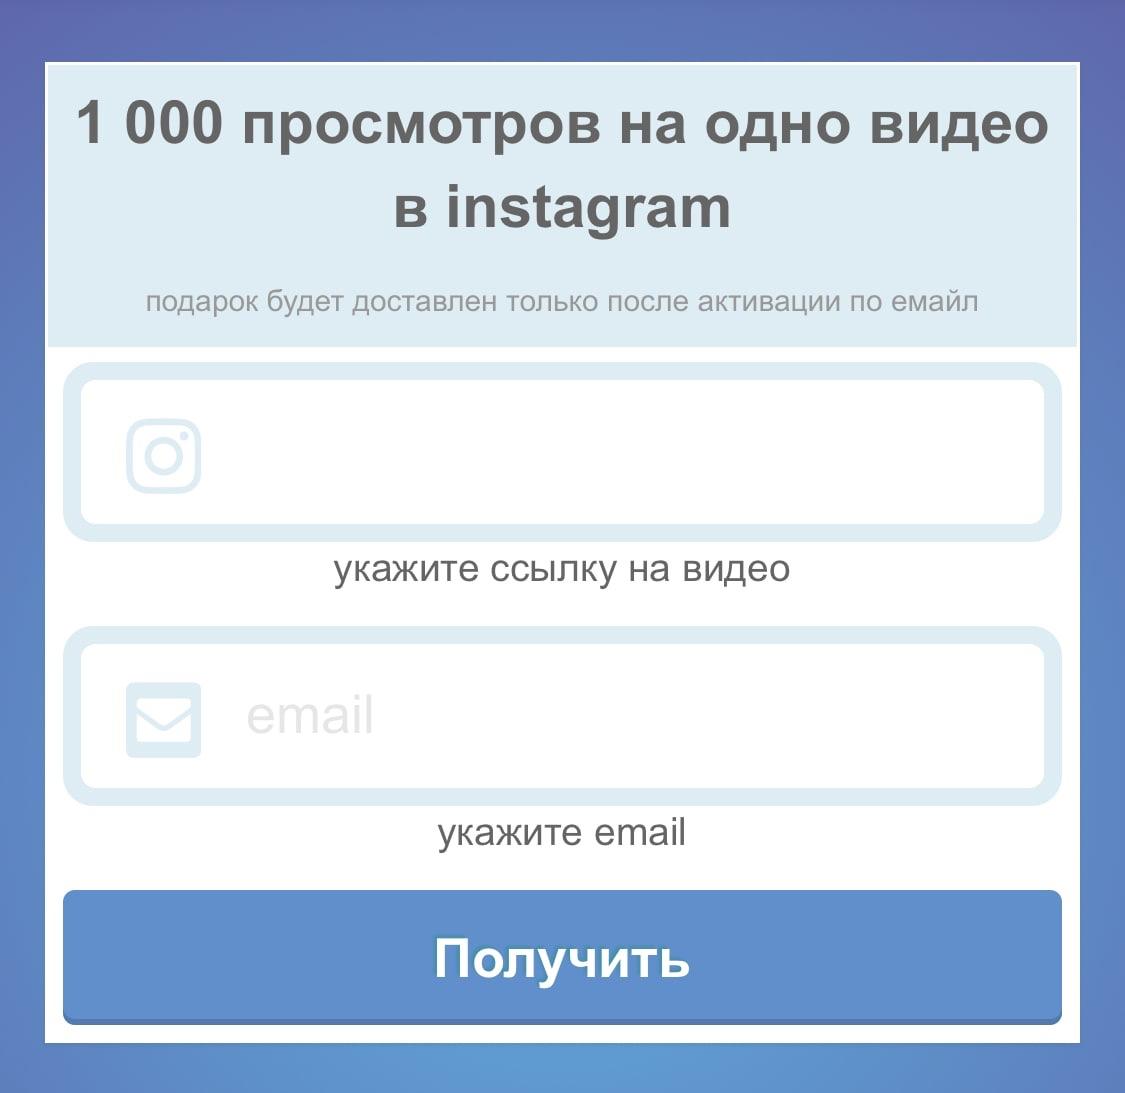 накрутка подписчиков инстаграм через телеграм бесплатно